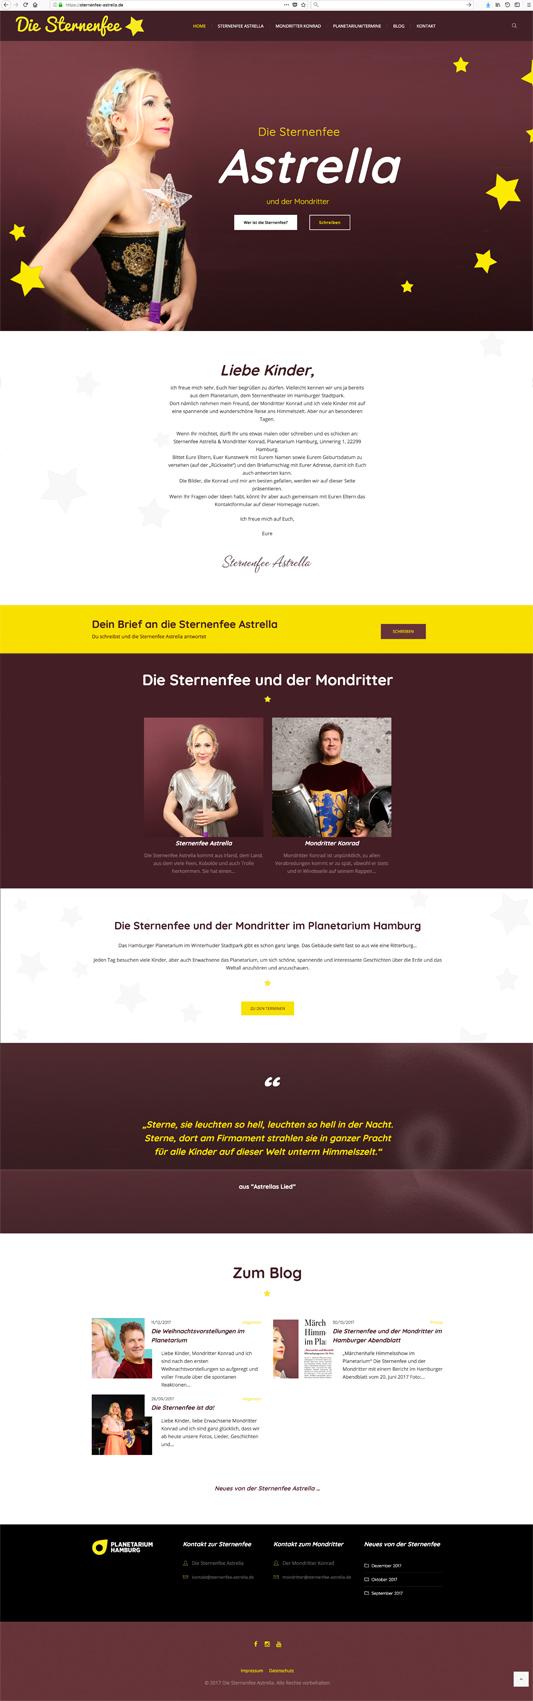 Erstellung der Homepage www.sternenfee-astrella.de durch Kähler & Kähler.